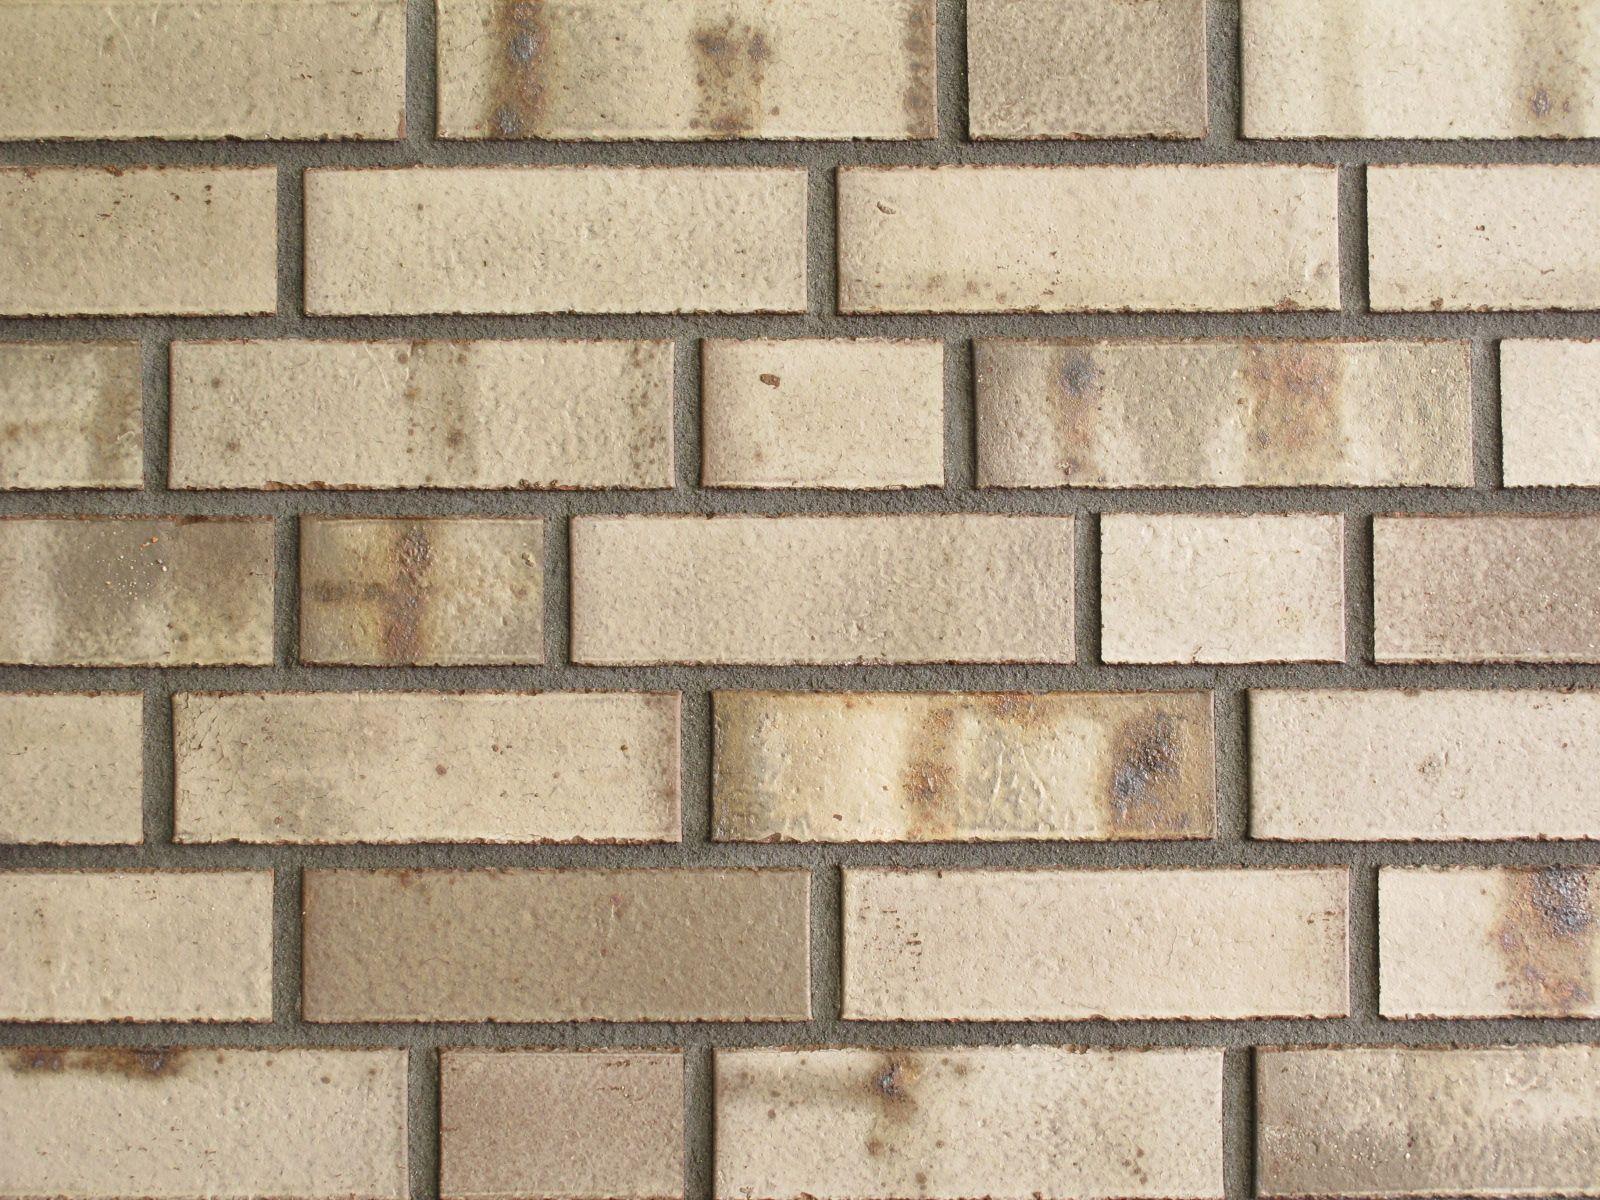 Strangpress Verblender Bh891 Nf Format Zu Sehen In Unserer Ausstellung In Duisburg D K Die Klinker Keramikboutique Im Ruhrgeb Klinker Backstein Verblender